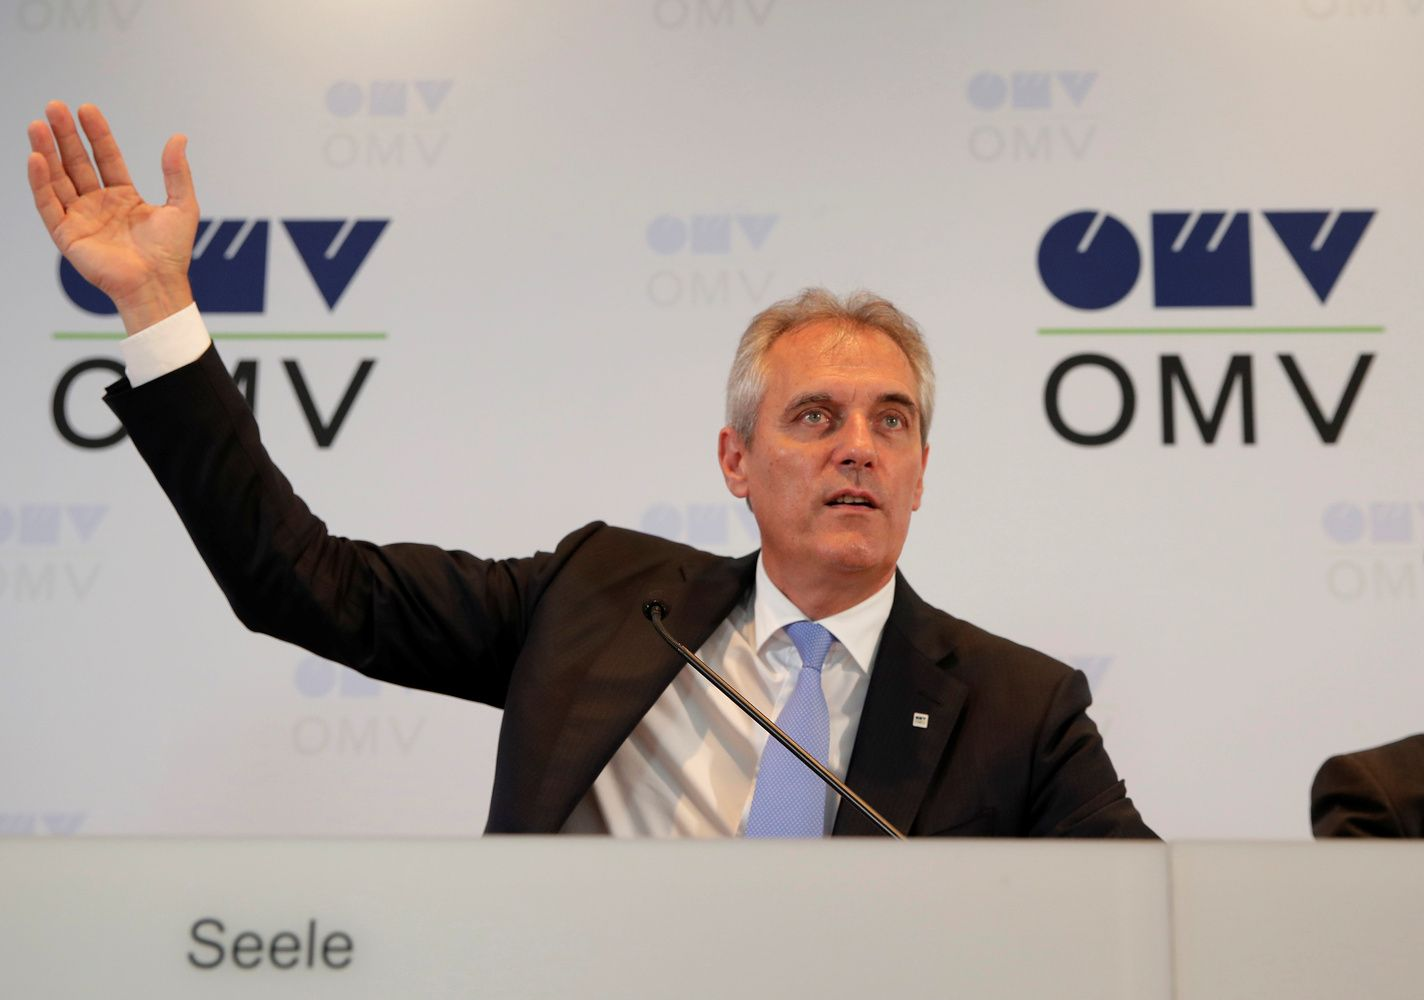 OMV vadovas: Europos dujų infrastruktūrą turėtų prižiūrėti europiečiai